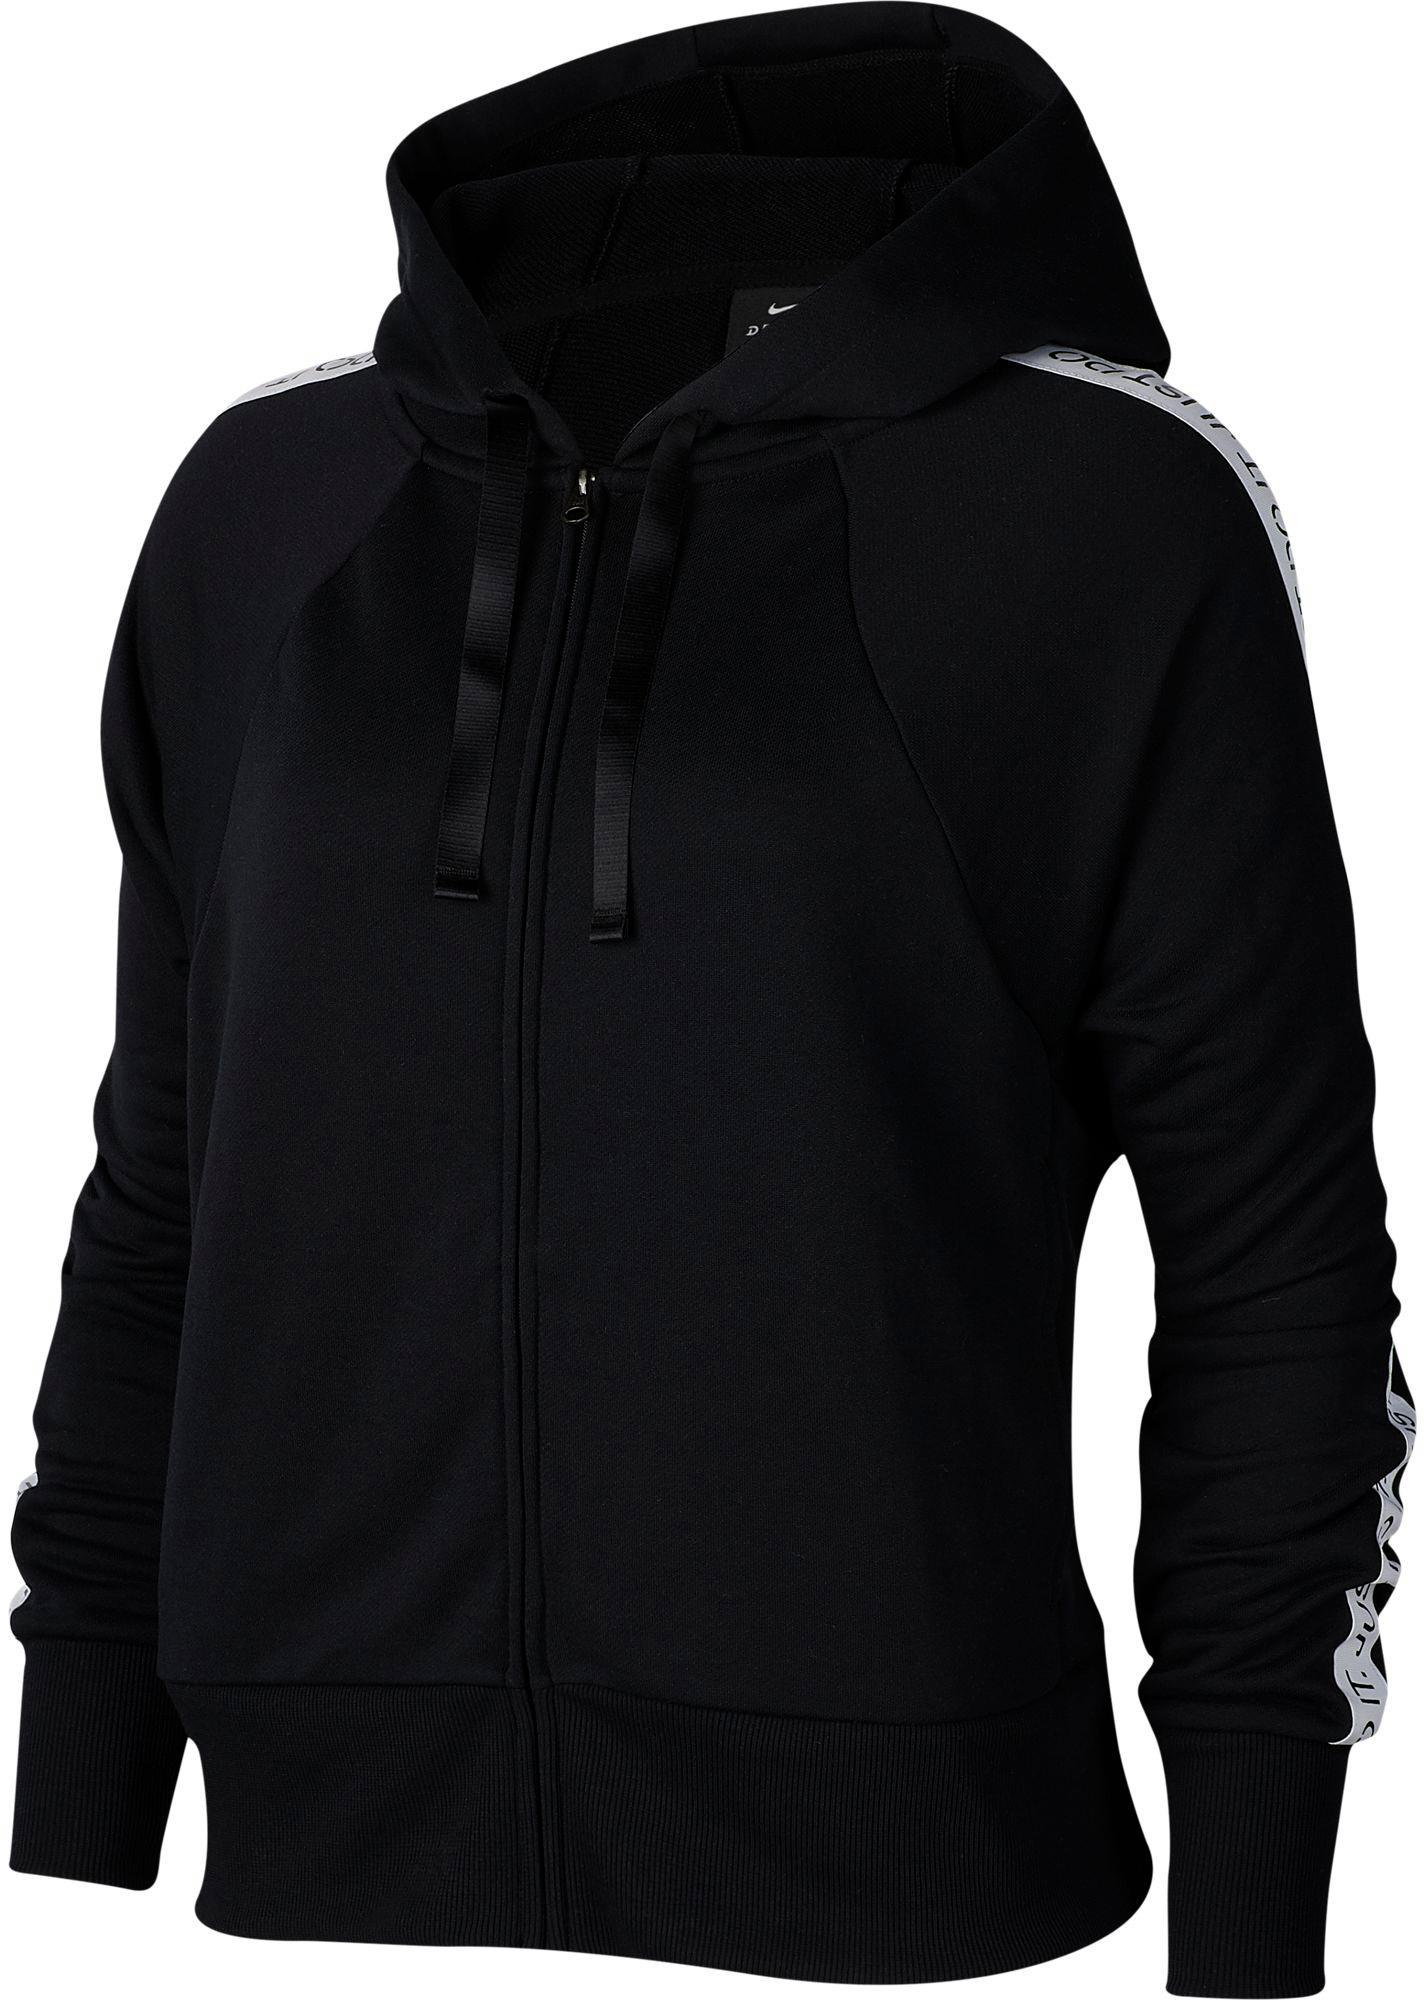 Nike Dry Get Fit Sweatjacke Damen black white im Online Shop von SportScheck kaufen